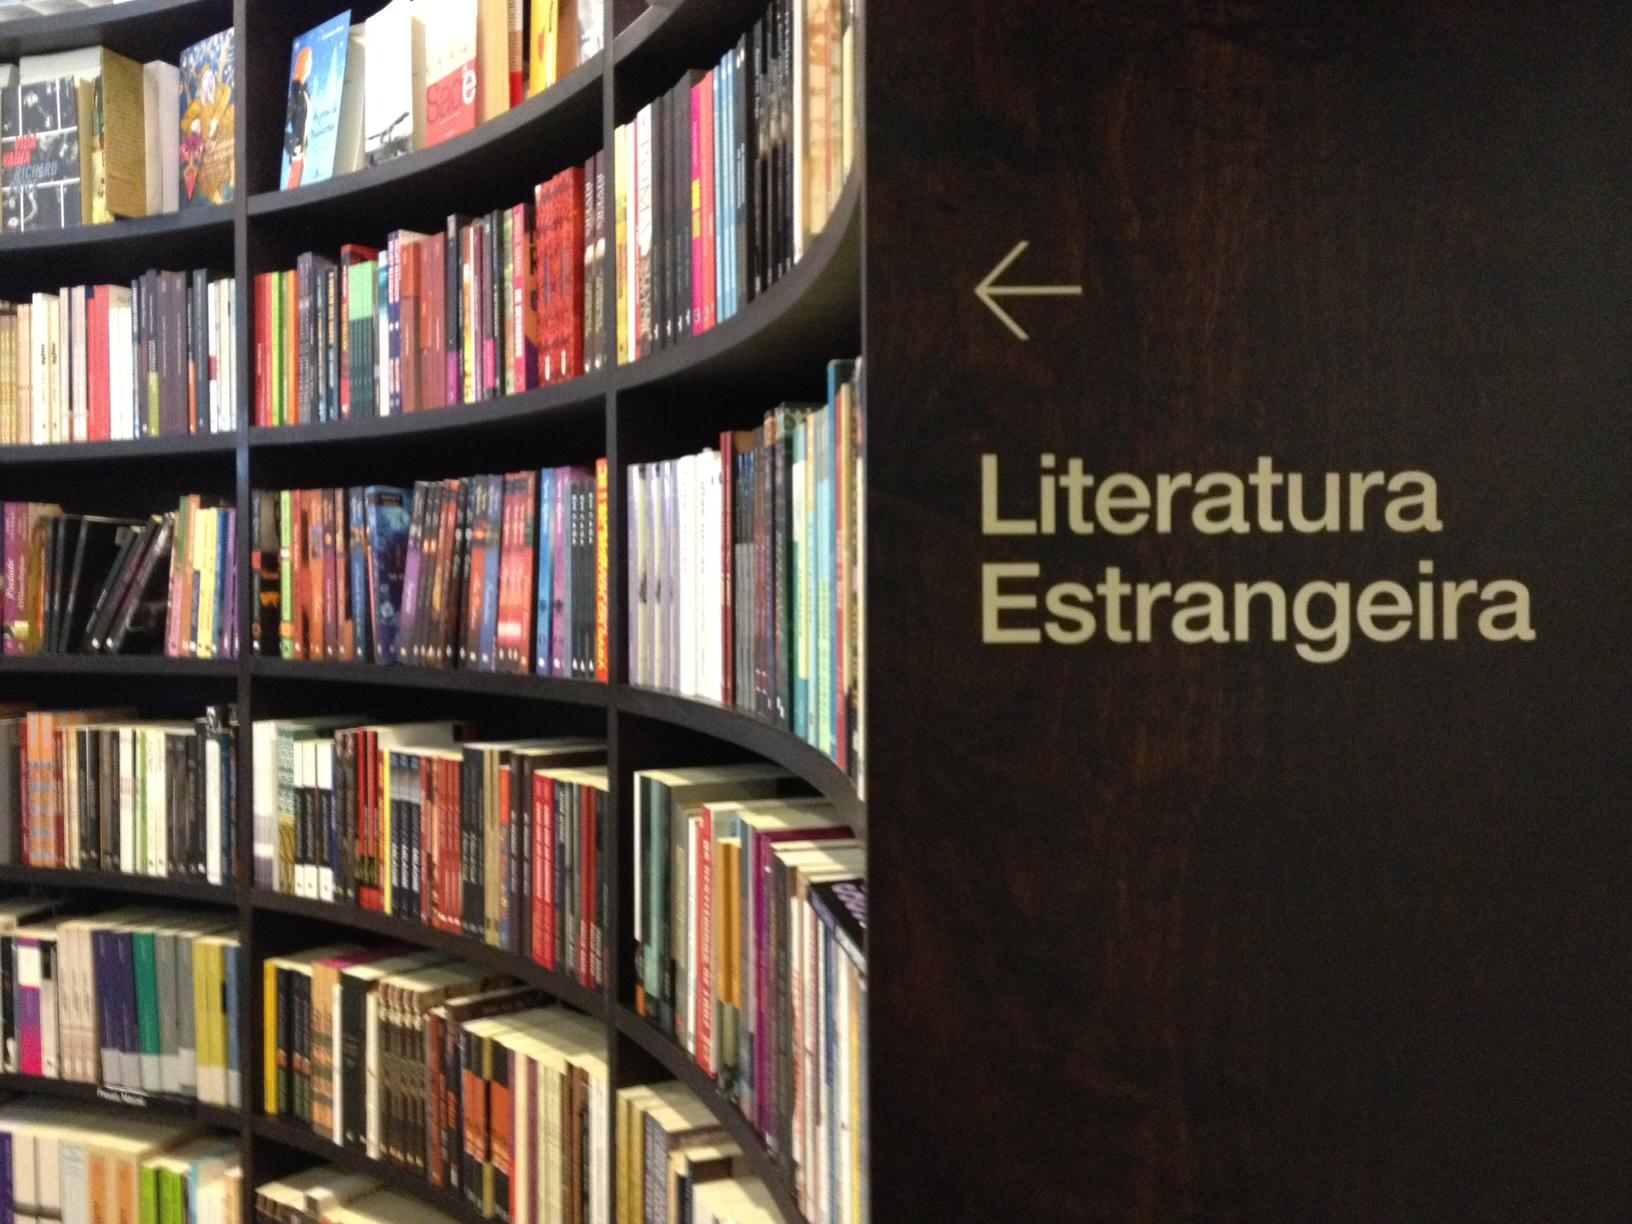 Resultado de imagem para literatura estrangeira